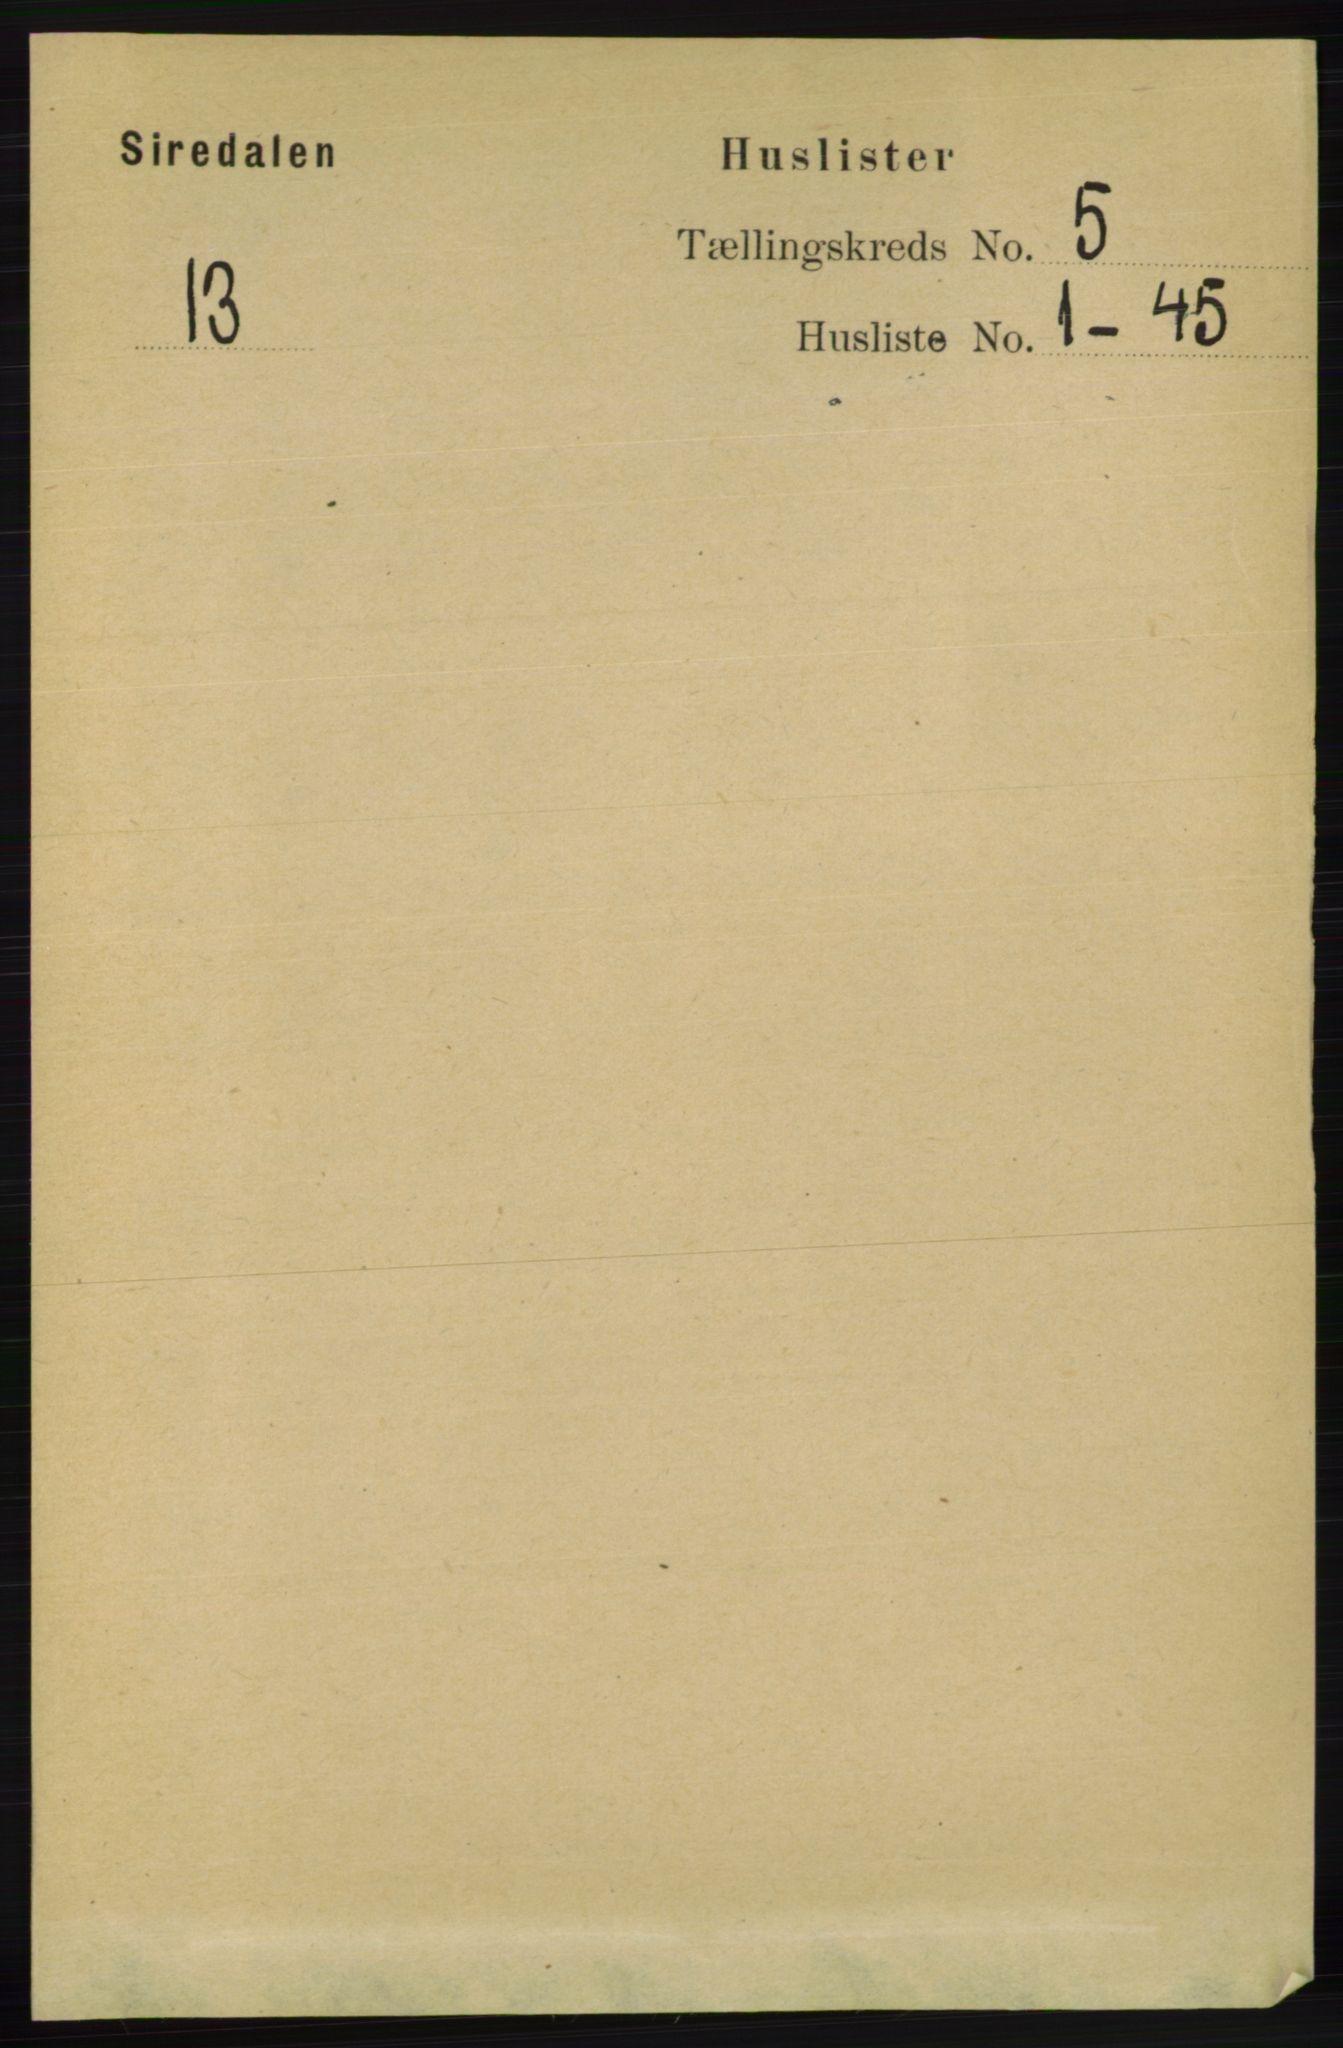 RA, Folketelling 1891 for 1046 Sirdal herred, 1891, s. 1256